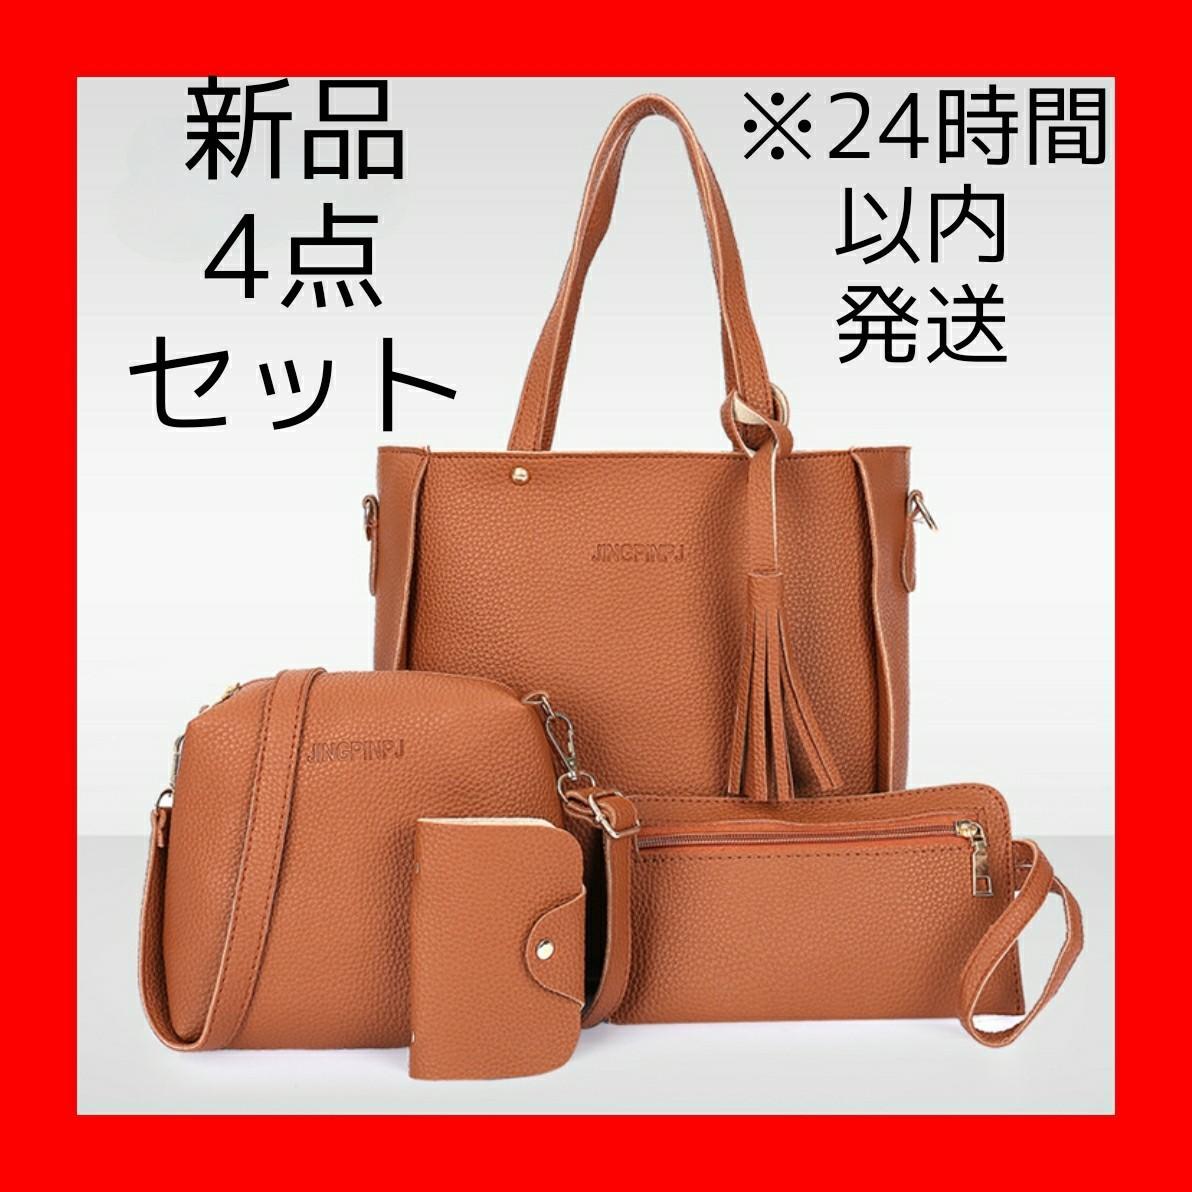 トートバッグ ショルダーバッグ ハンドバッグ 通勤 鞄 女性用 4点セット 斜めがけバッグ ポーチ 通学 社会人 人気 軽量 女